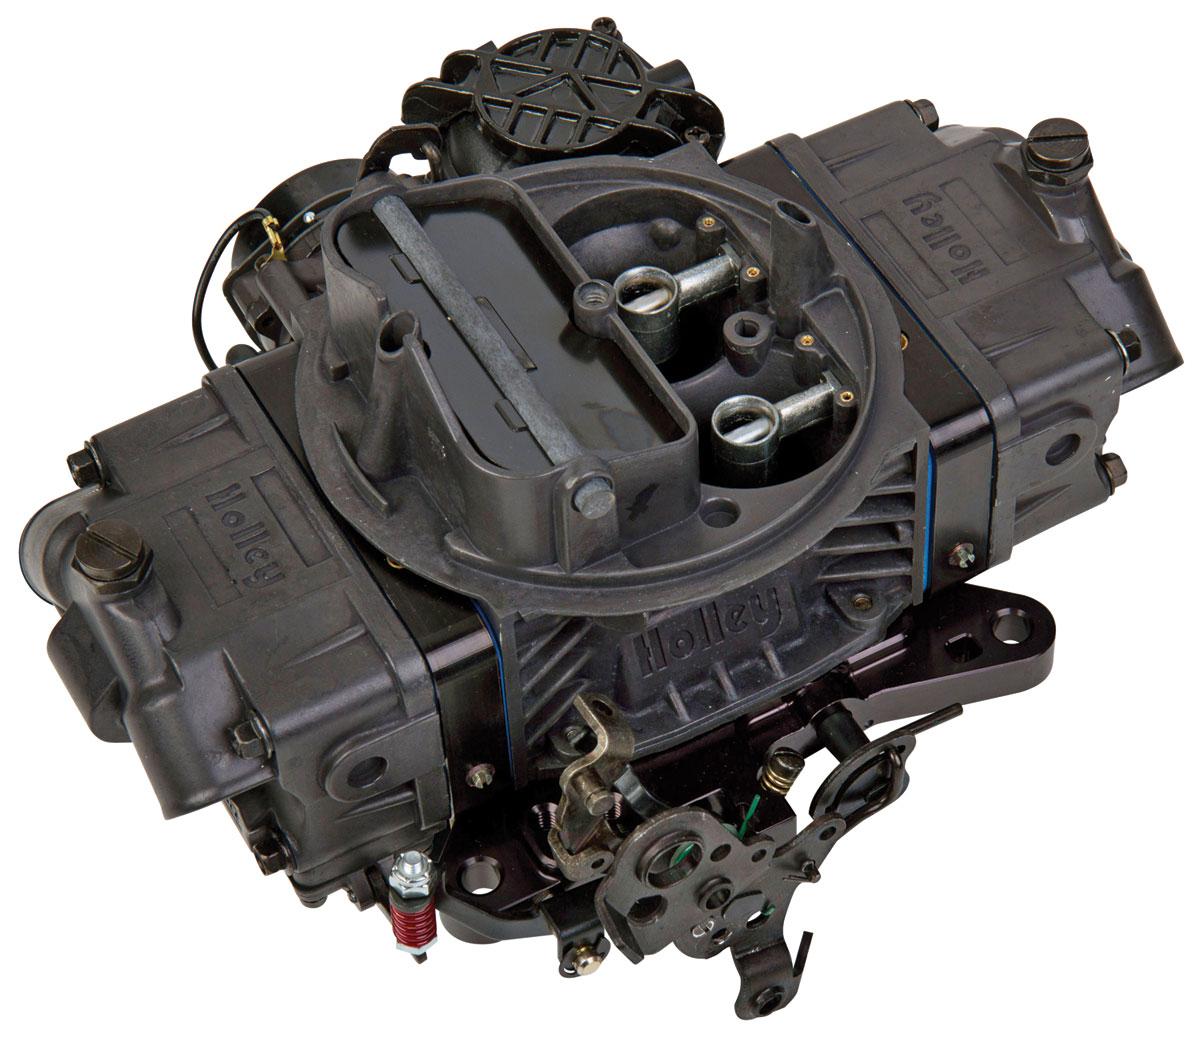 Carburetor, Holley, 670 CFM Ultra Street Avenger, Black Billet Aluminum Finish